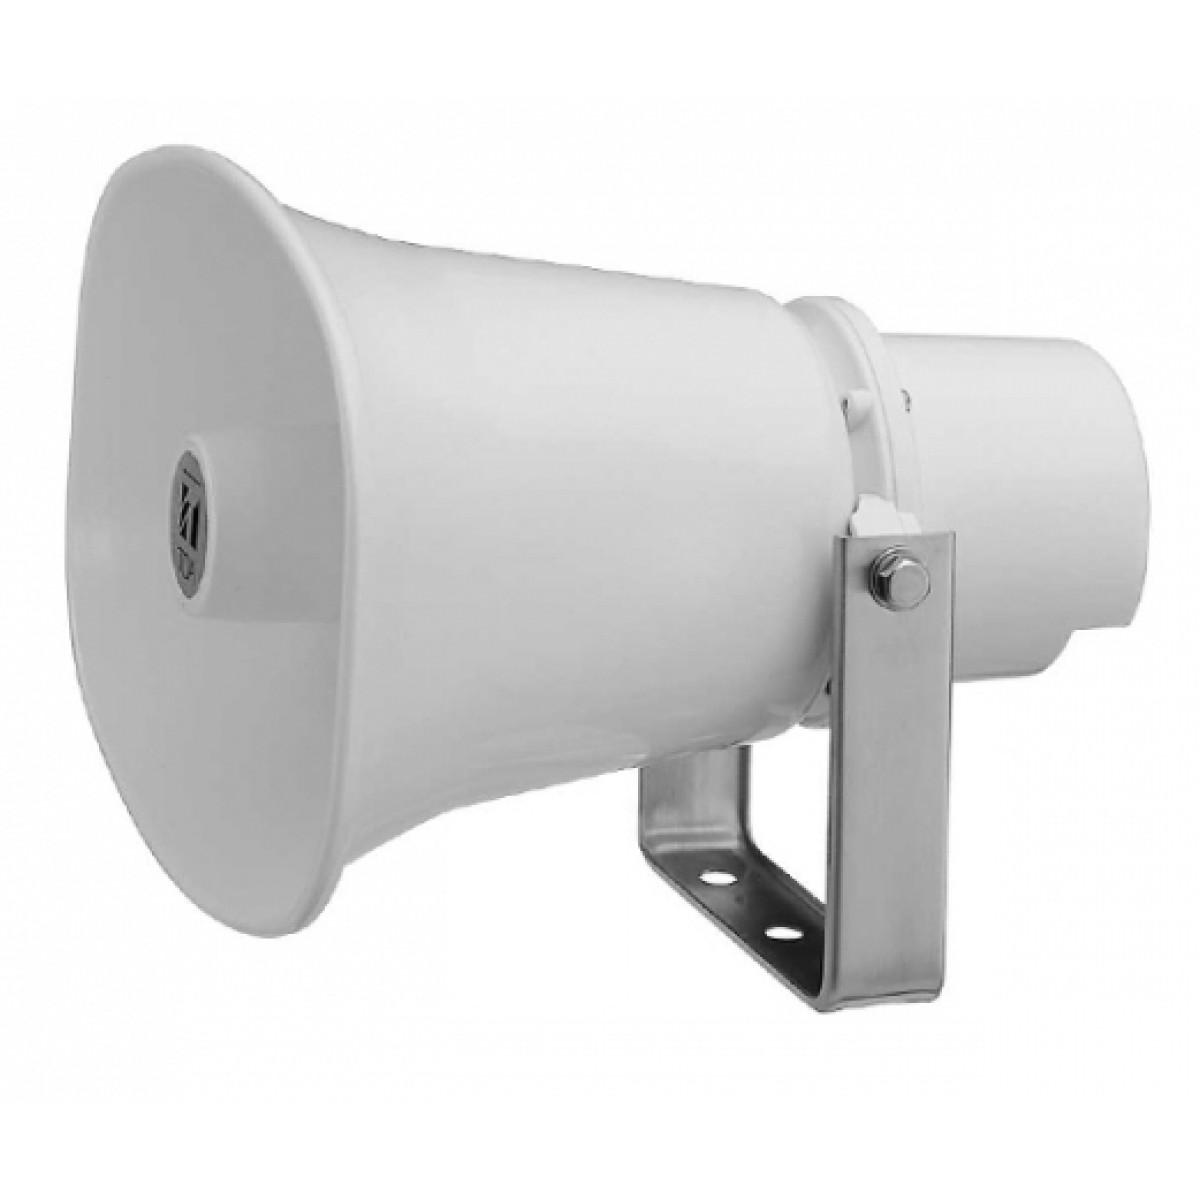 TRompeta de 30w/70-100v-Sc-630m